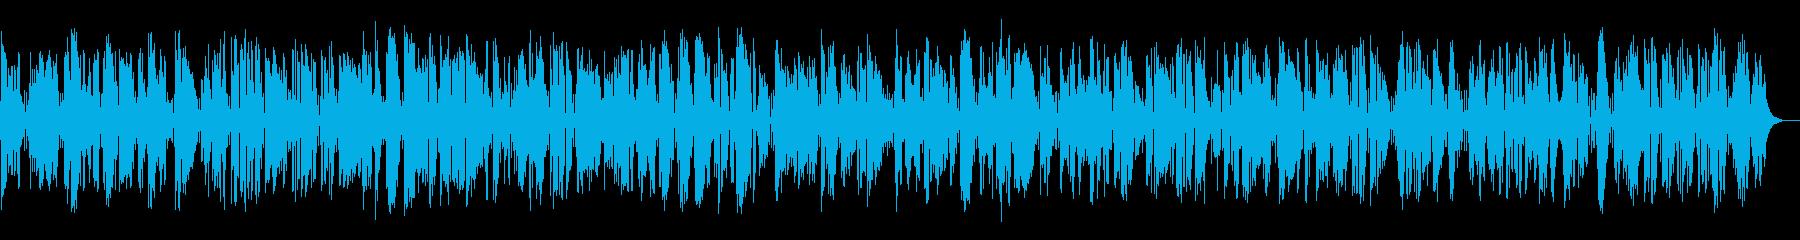 朝ドラで使われる古めかしいジャズバンドの再生済みの波形